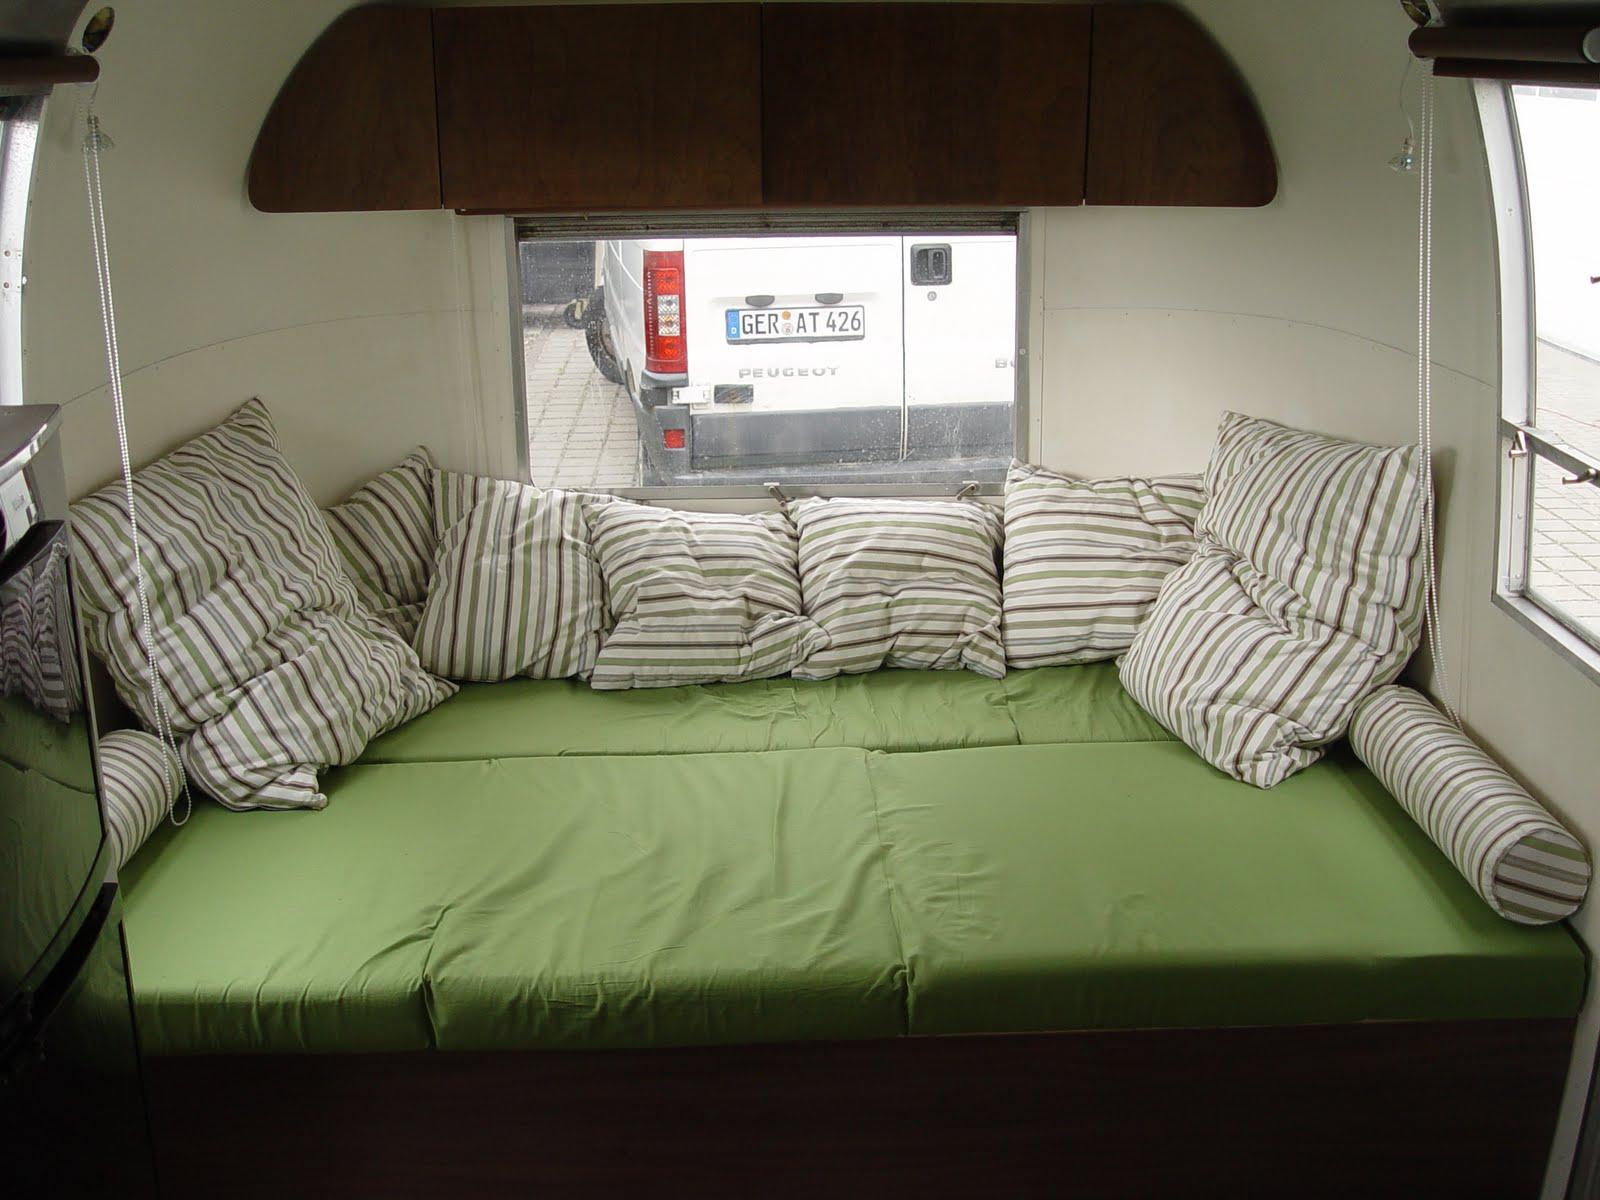 airstream renovieren seite 5 einbauberichte von zubeh r restaurierungen reparaturen. Black Bedroom Furniture Sets. Home Design Ideas